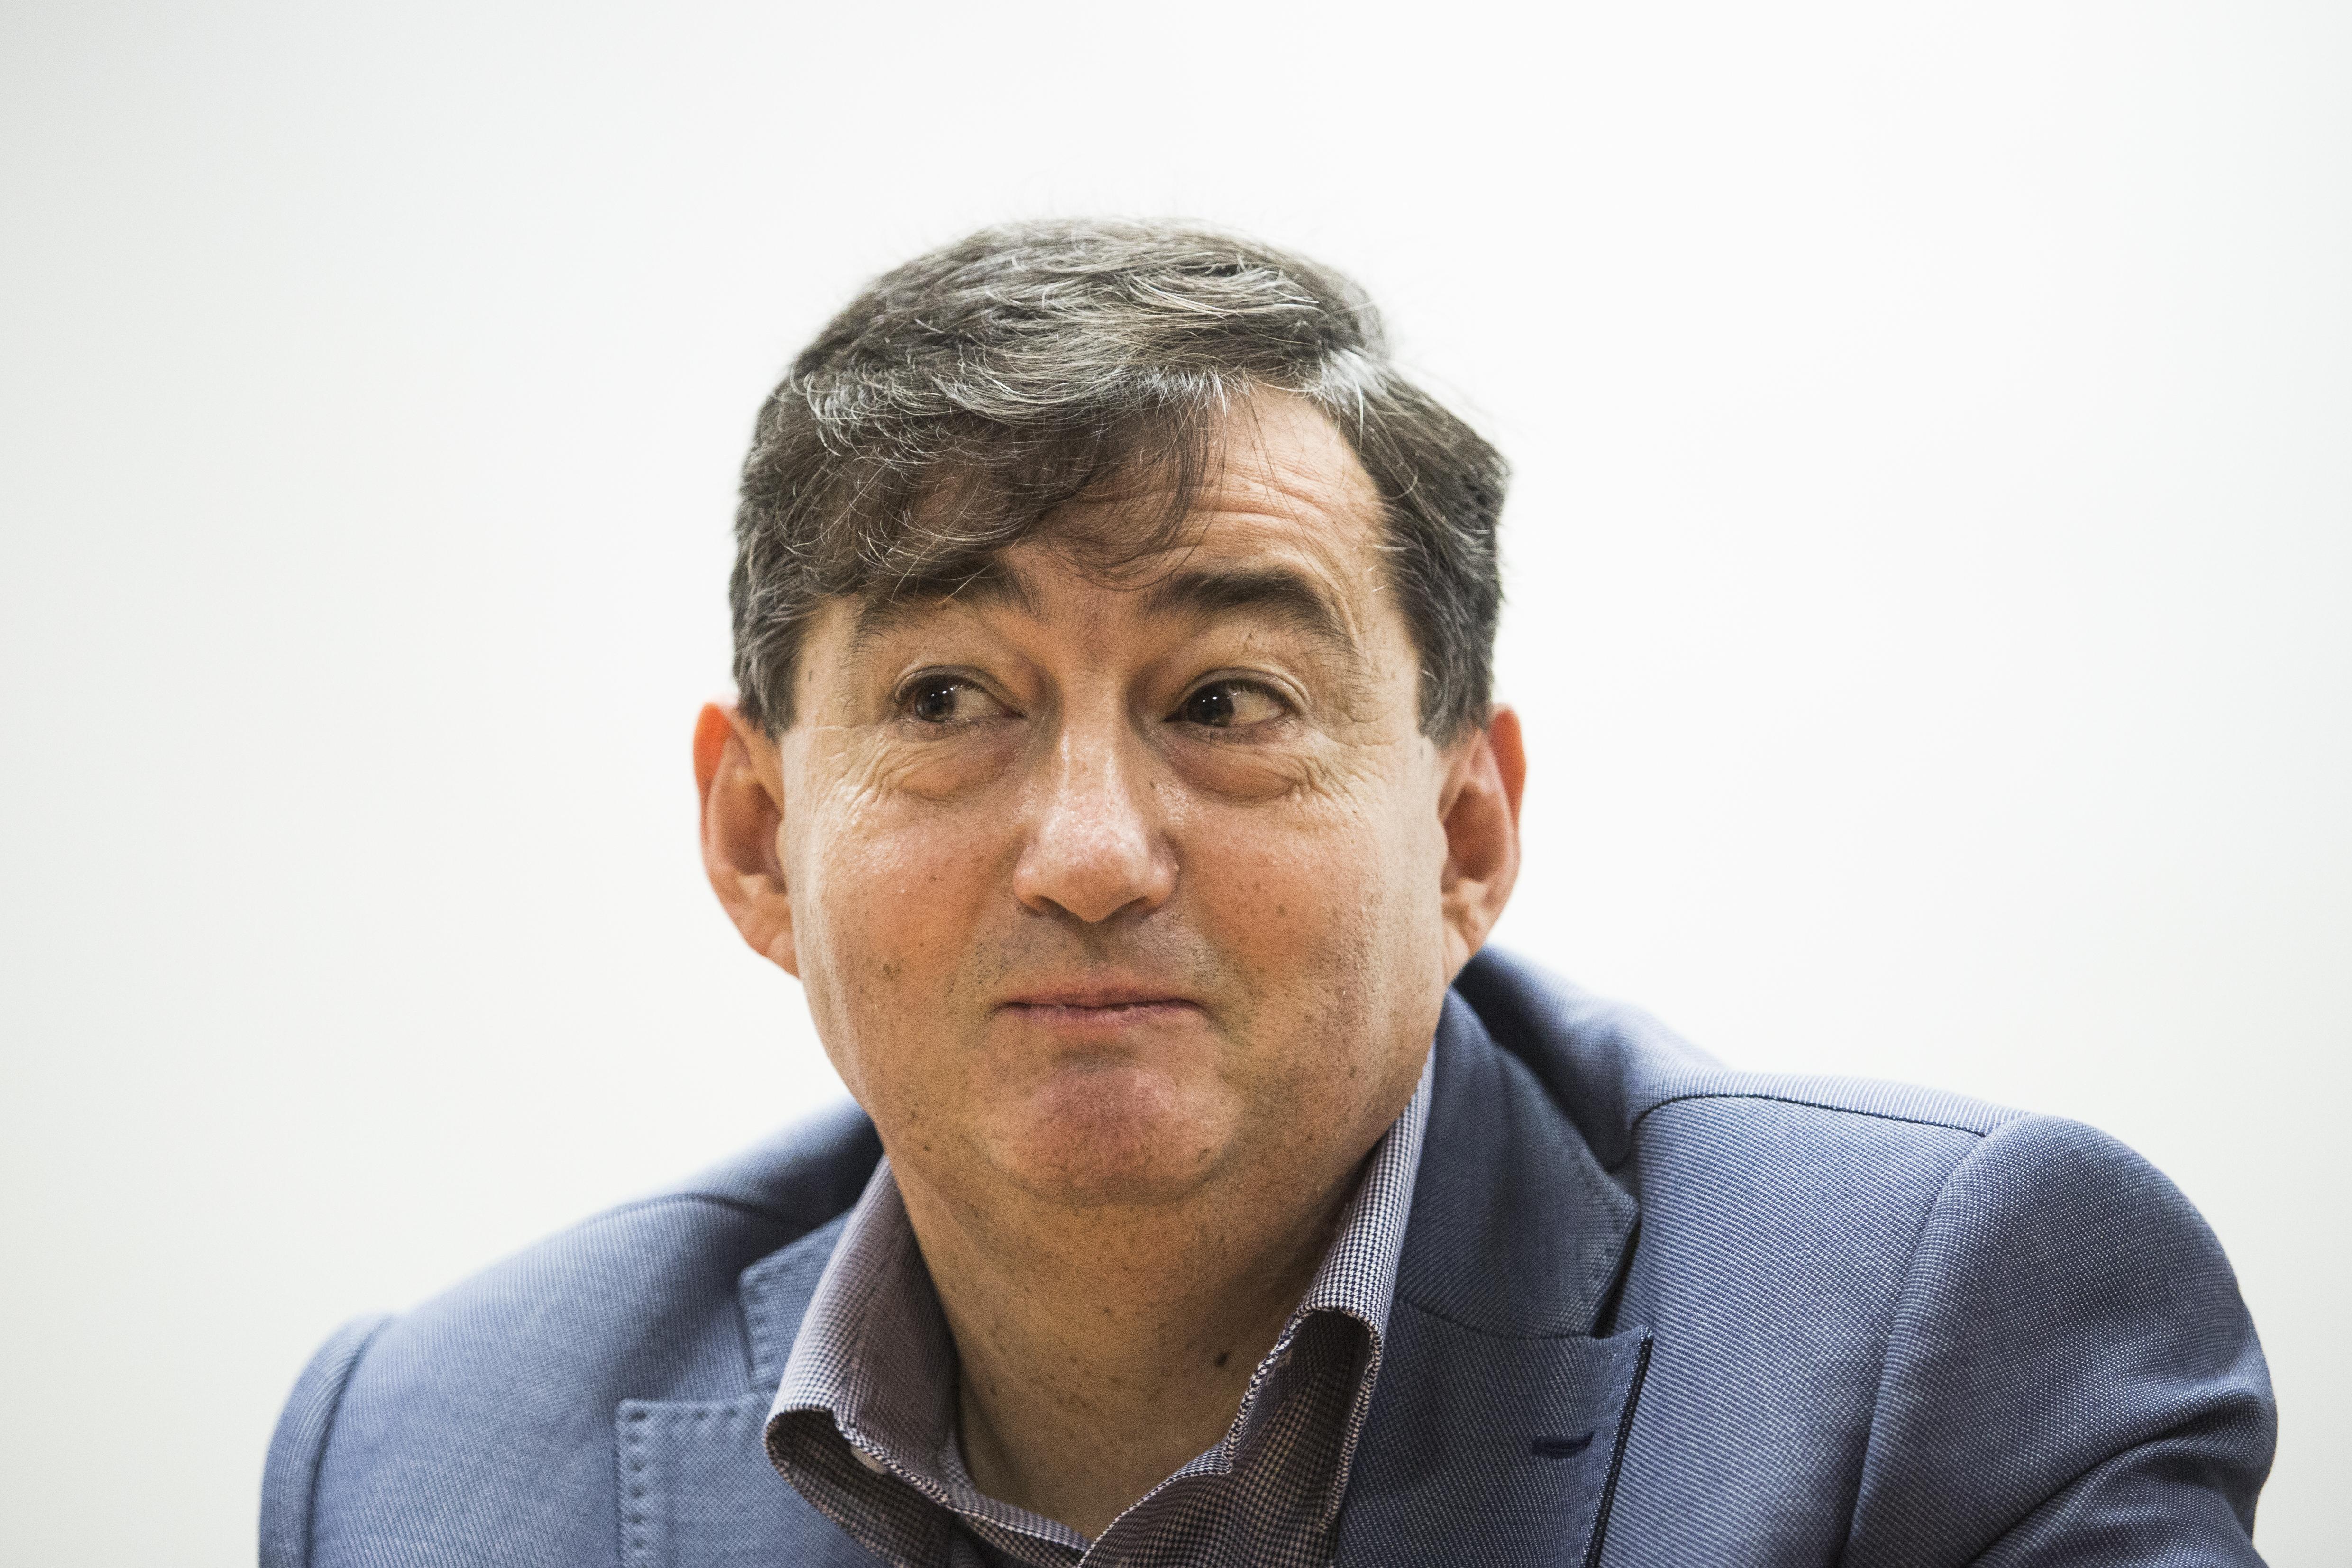 18 Spar után 3 Aldi is Mészáros Lőrinc cégétől bérel ingatlant